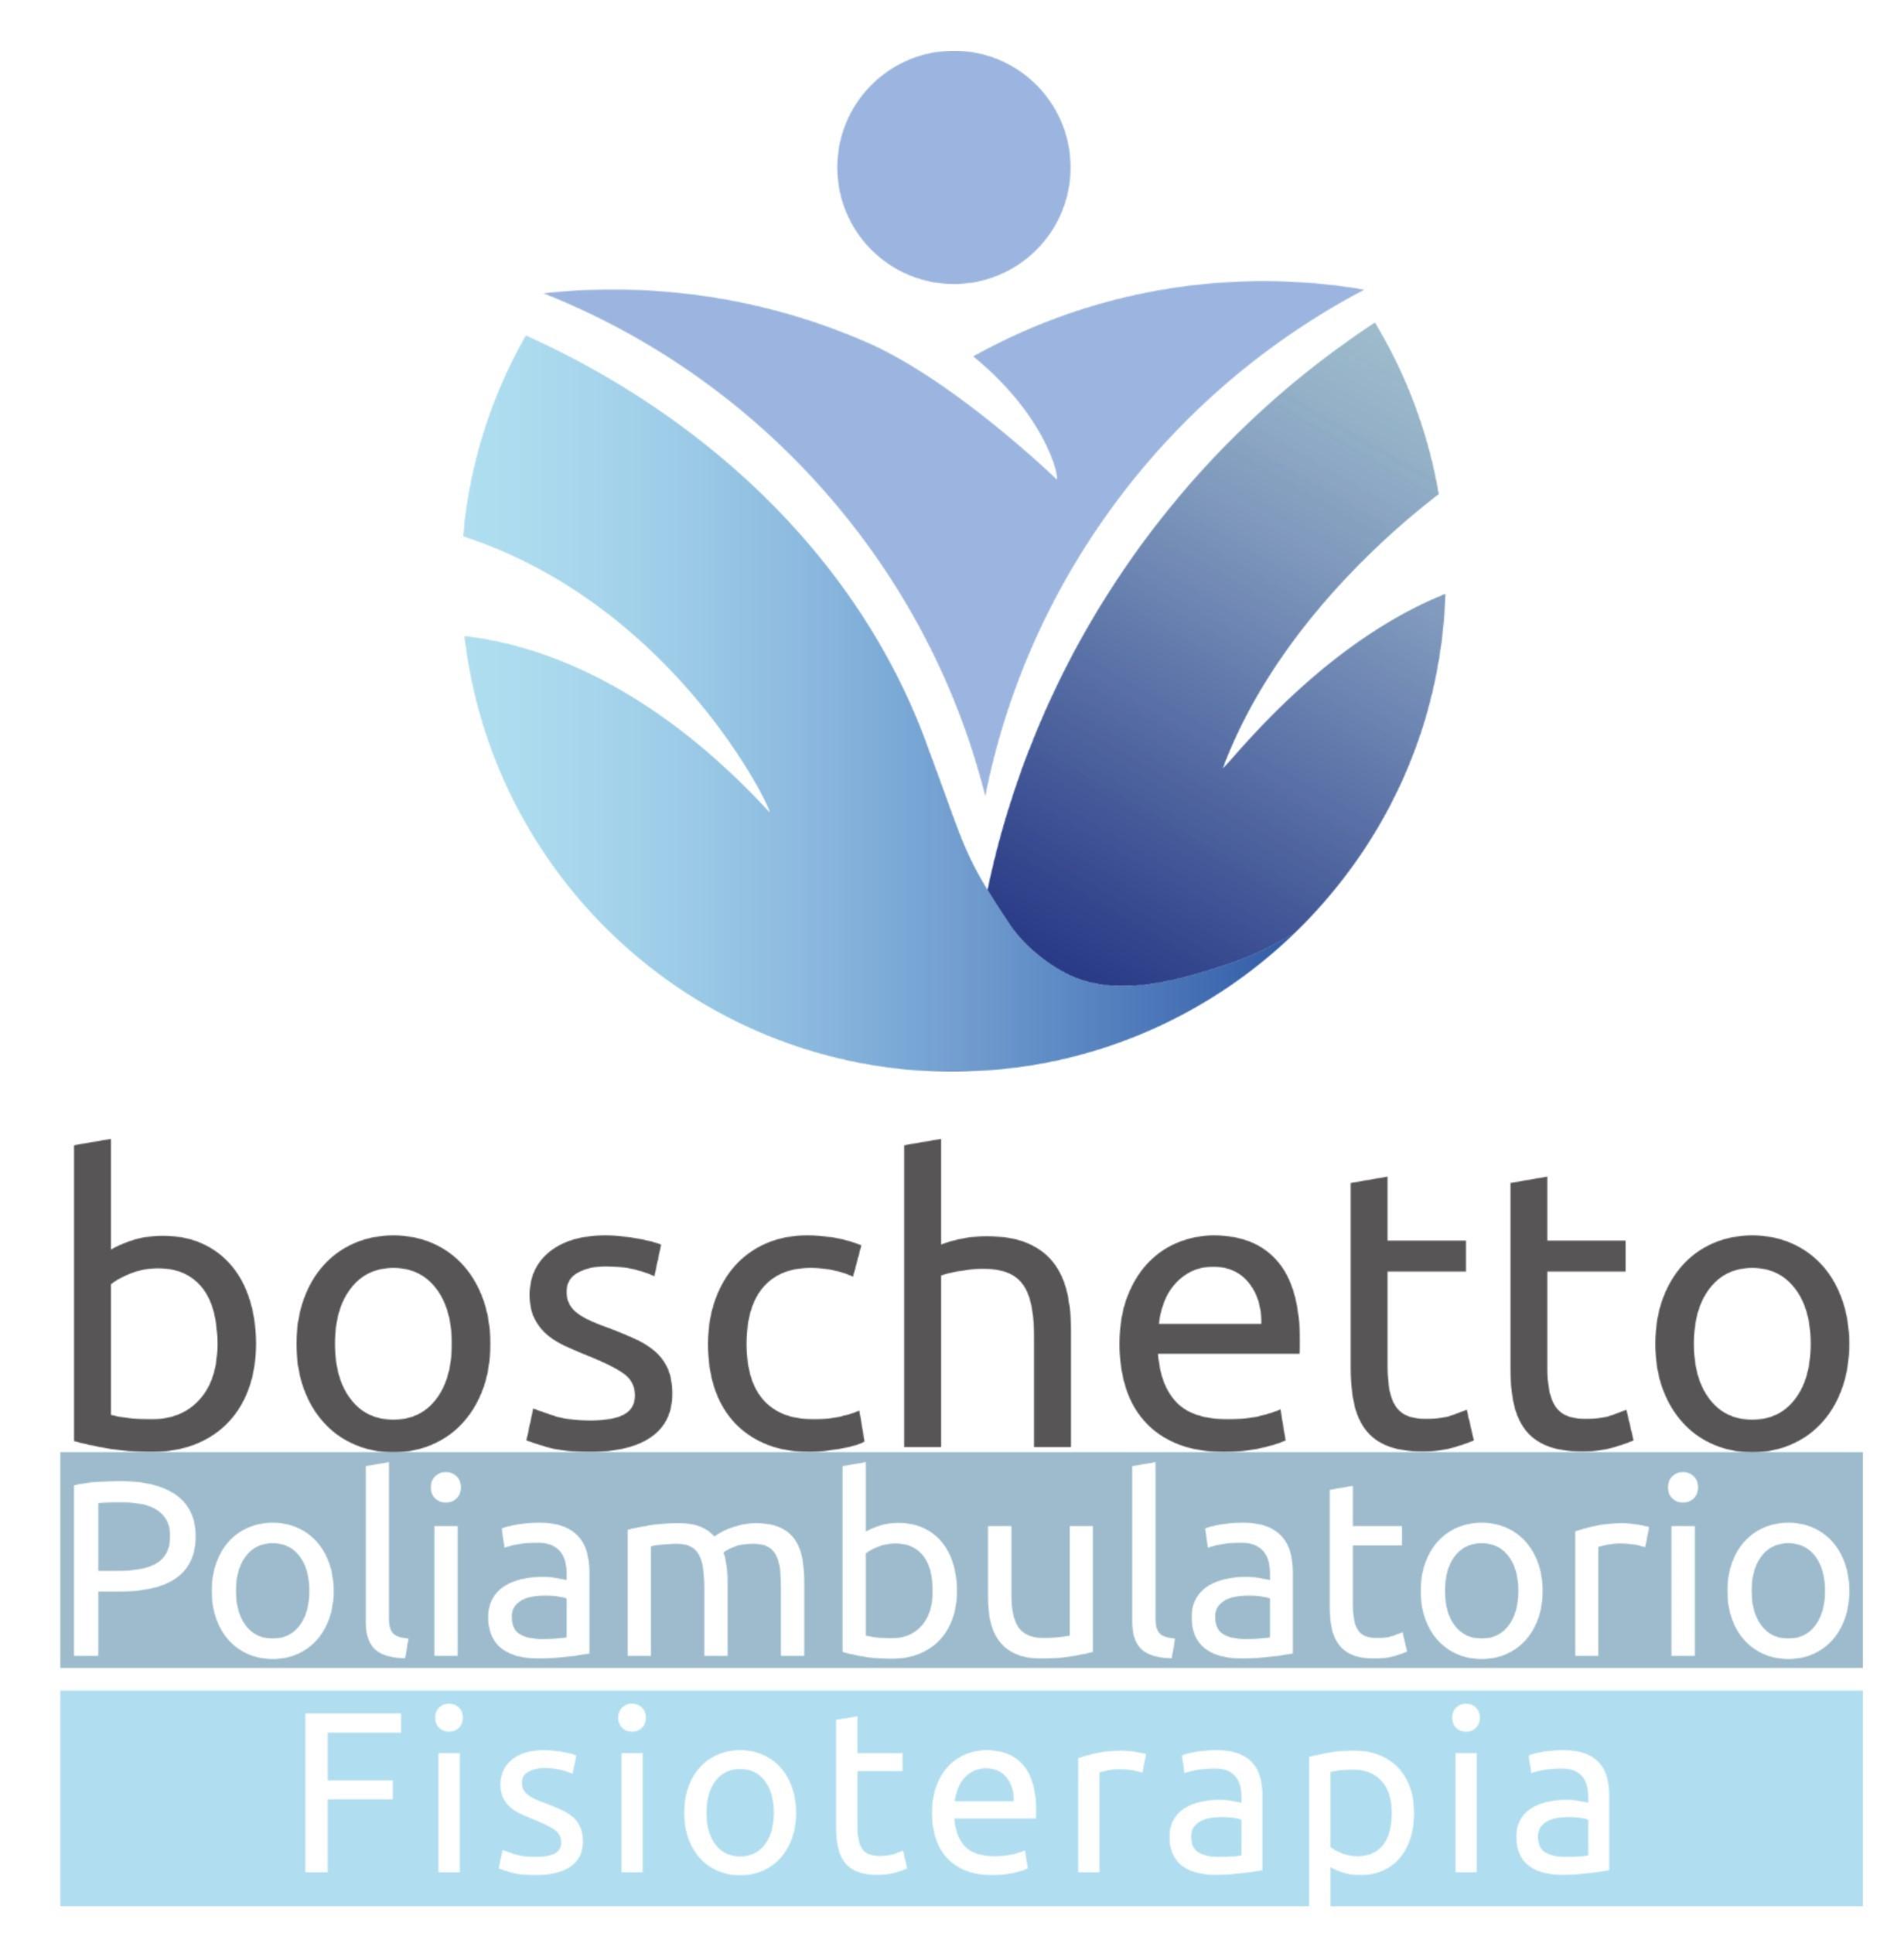 https://ginnasticariccione.com/wp-content/uploads/2020/05/poliambulatorio-boschetto-verticale.jpg